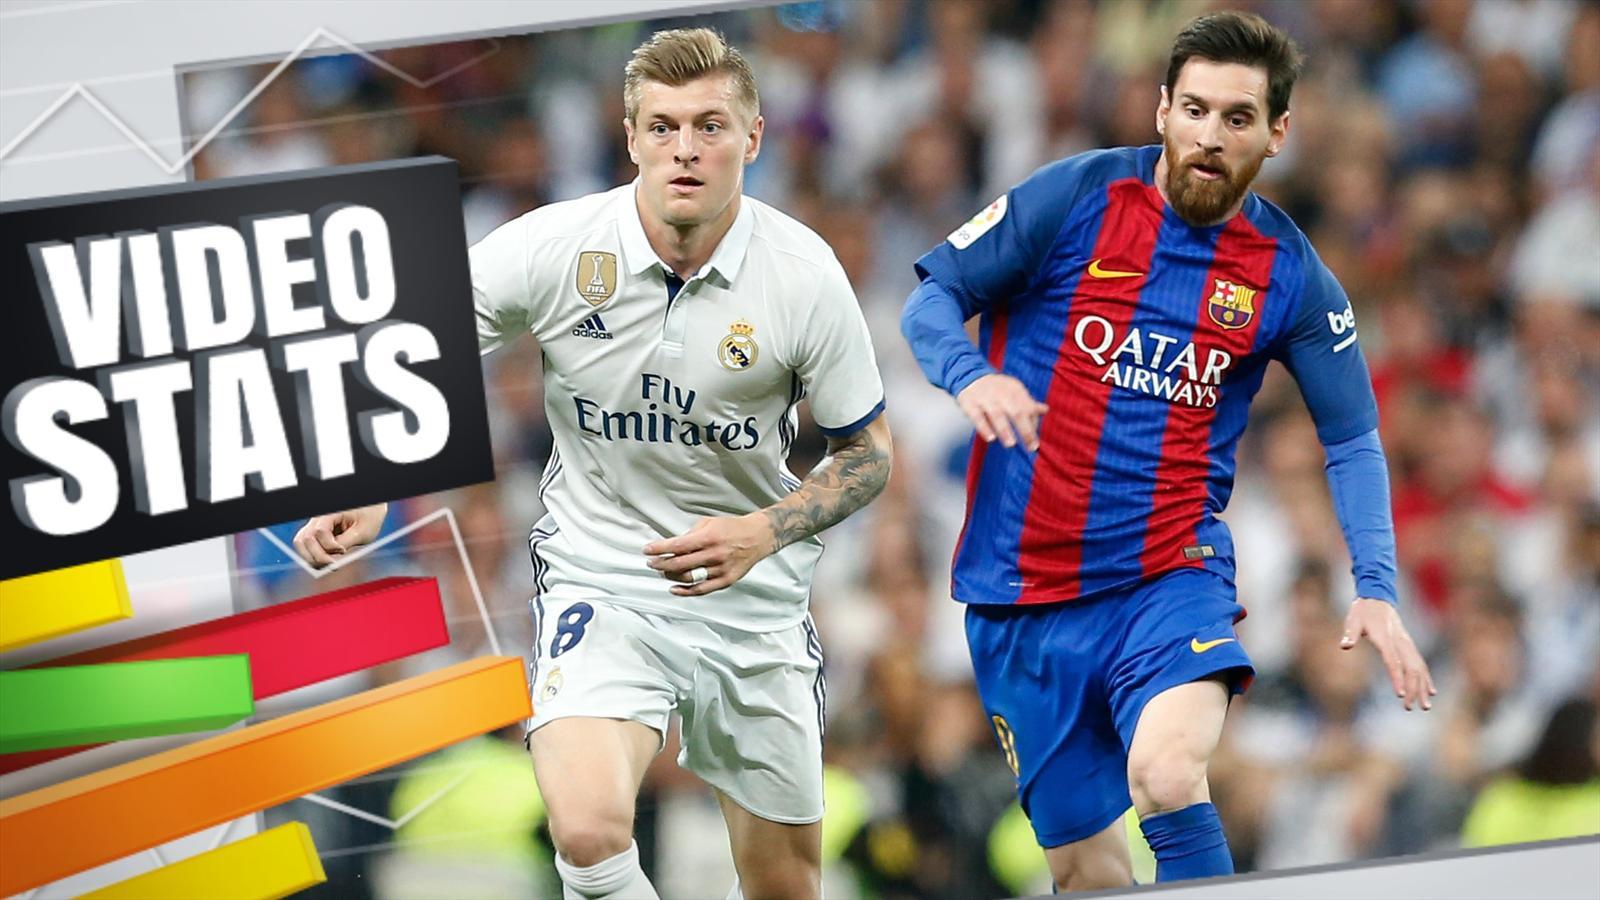 Vidéo Stats   Les individualités du Barça ont brillé 26d9f1806d5bf